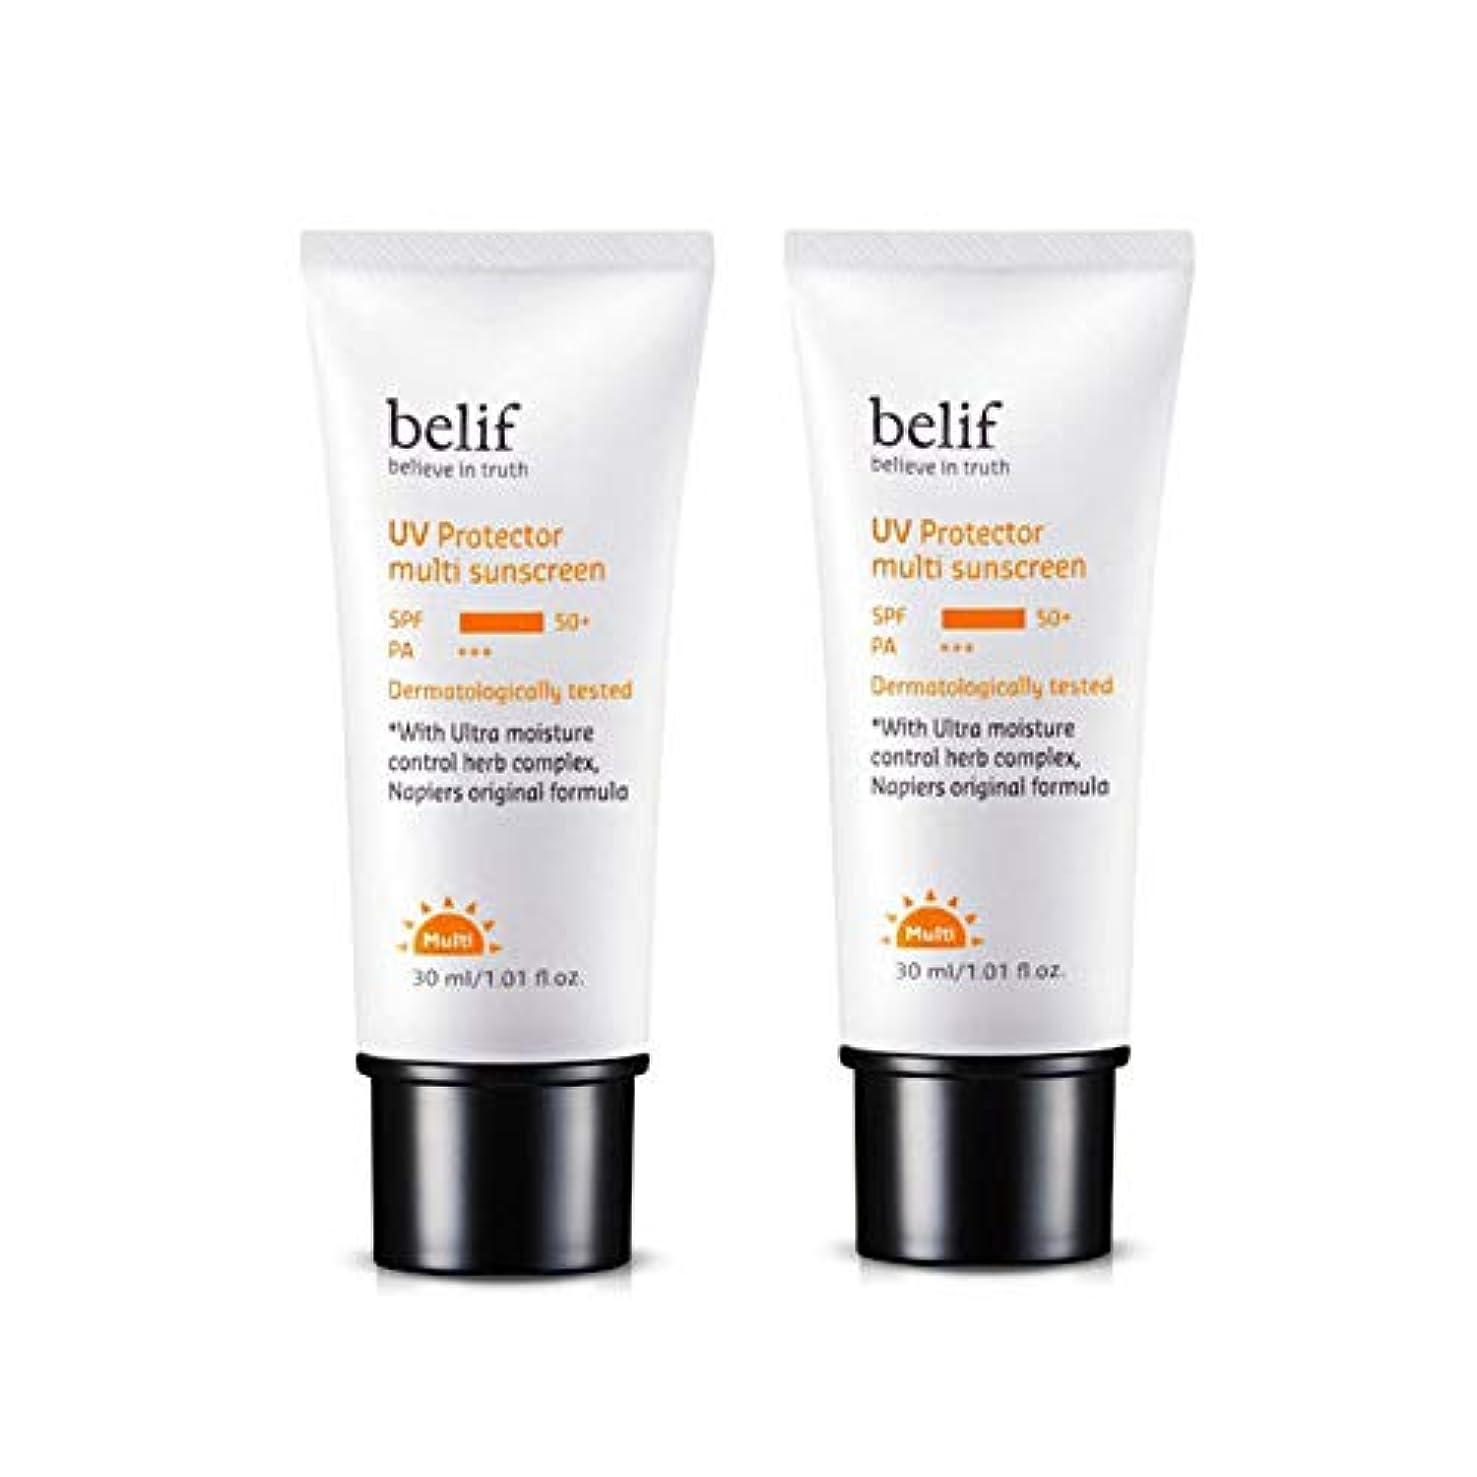 圧倒する脳留まるビリープUVプロテクターマルチサンスクリーンSPF50+/ PA+++ 30mlx2本セットサンクリーム韓国コスメ、belif UV Protector Multi Sunscreen SPF50+ / PA+++ 30ml x 2ea Set Korean Cosmetics [並行輸入品]